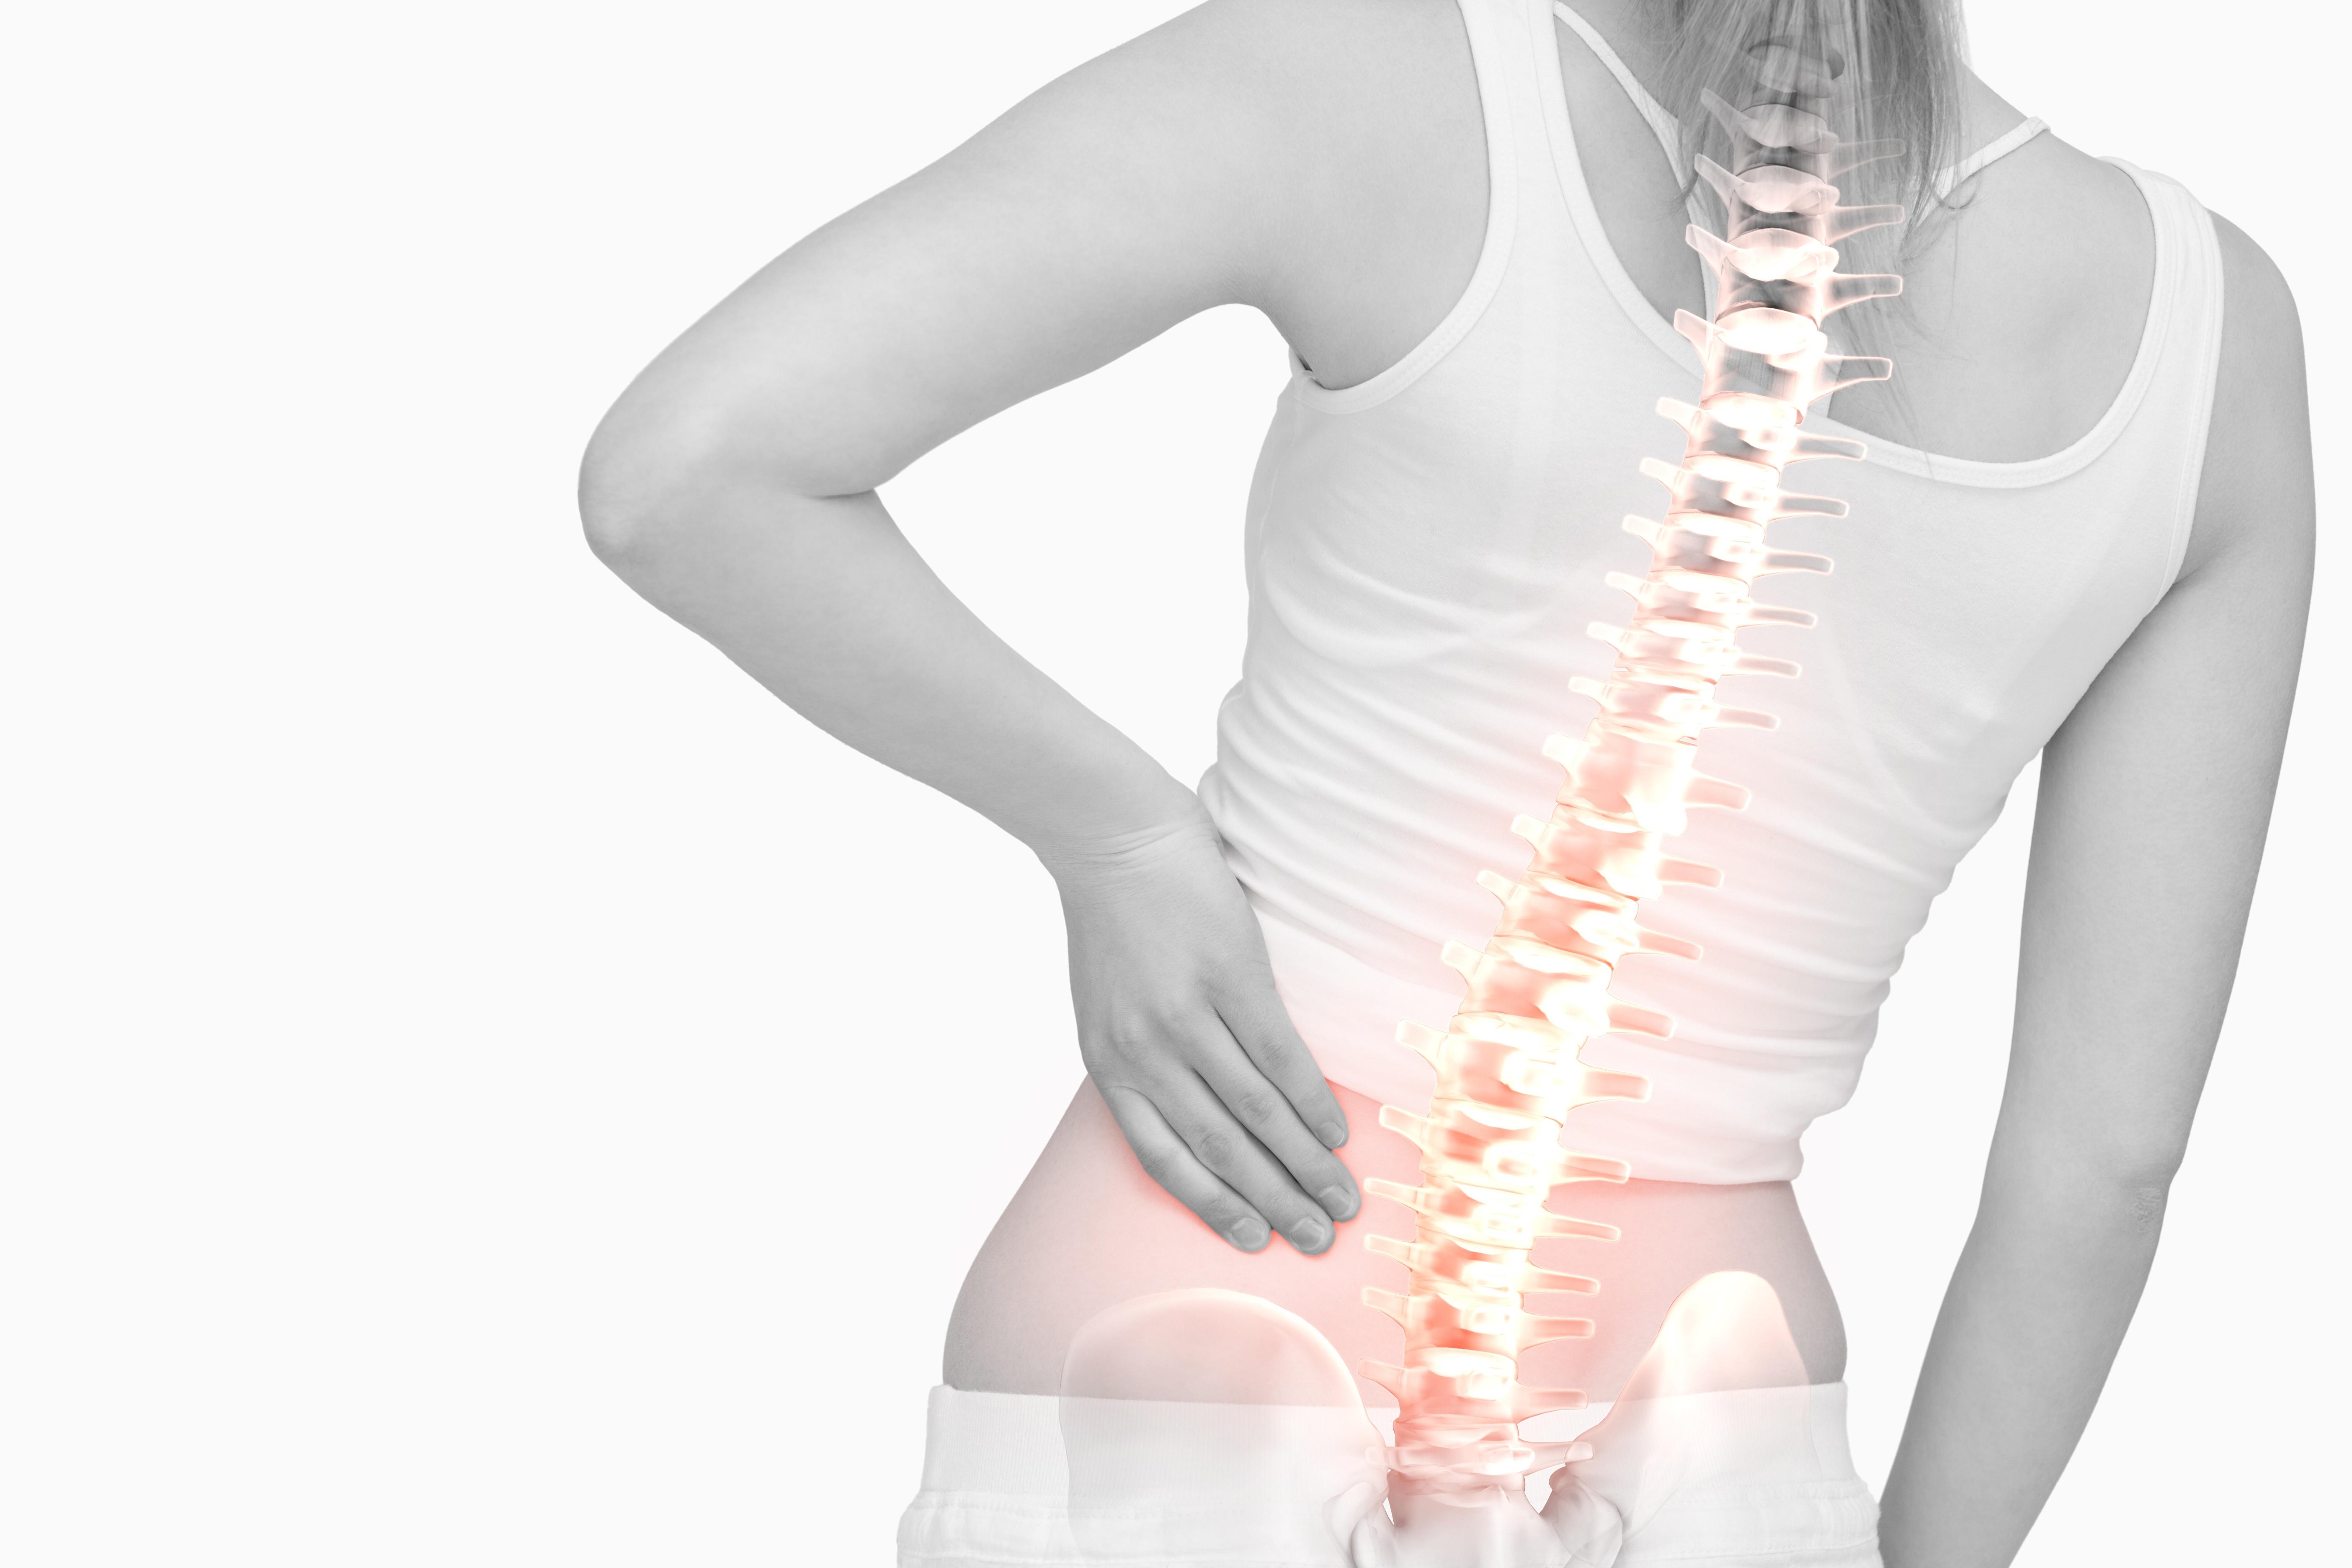 hosszú ülés után a csípőízületek fájnak